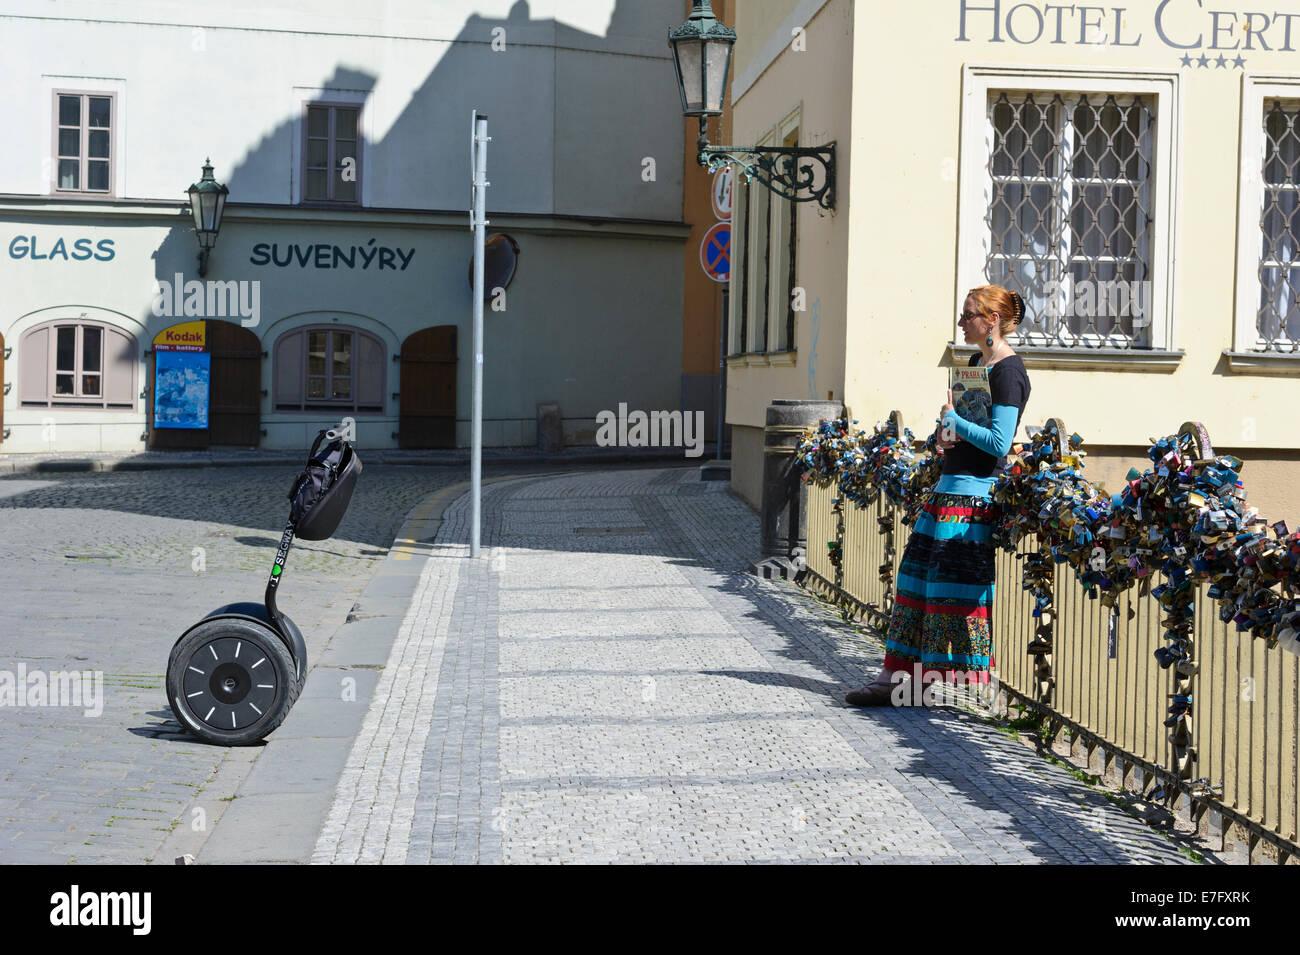 Un agent de premier plan contre la rambarde Segway d'un pont couvert d'une série de cadenas fermé, Prague, République tchèque. Banque D'Images